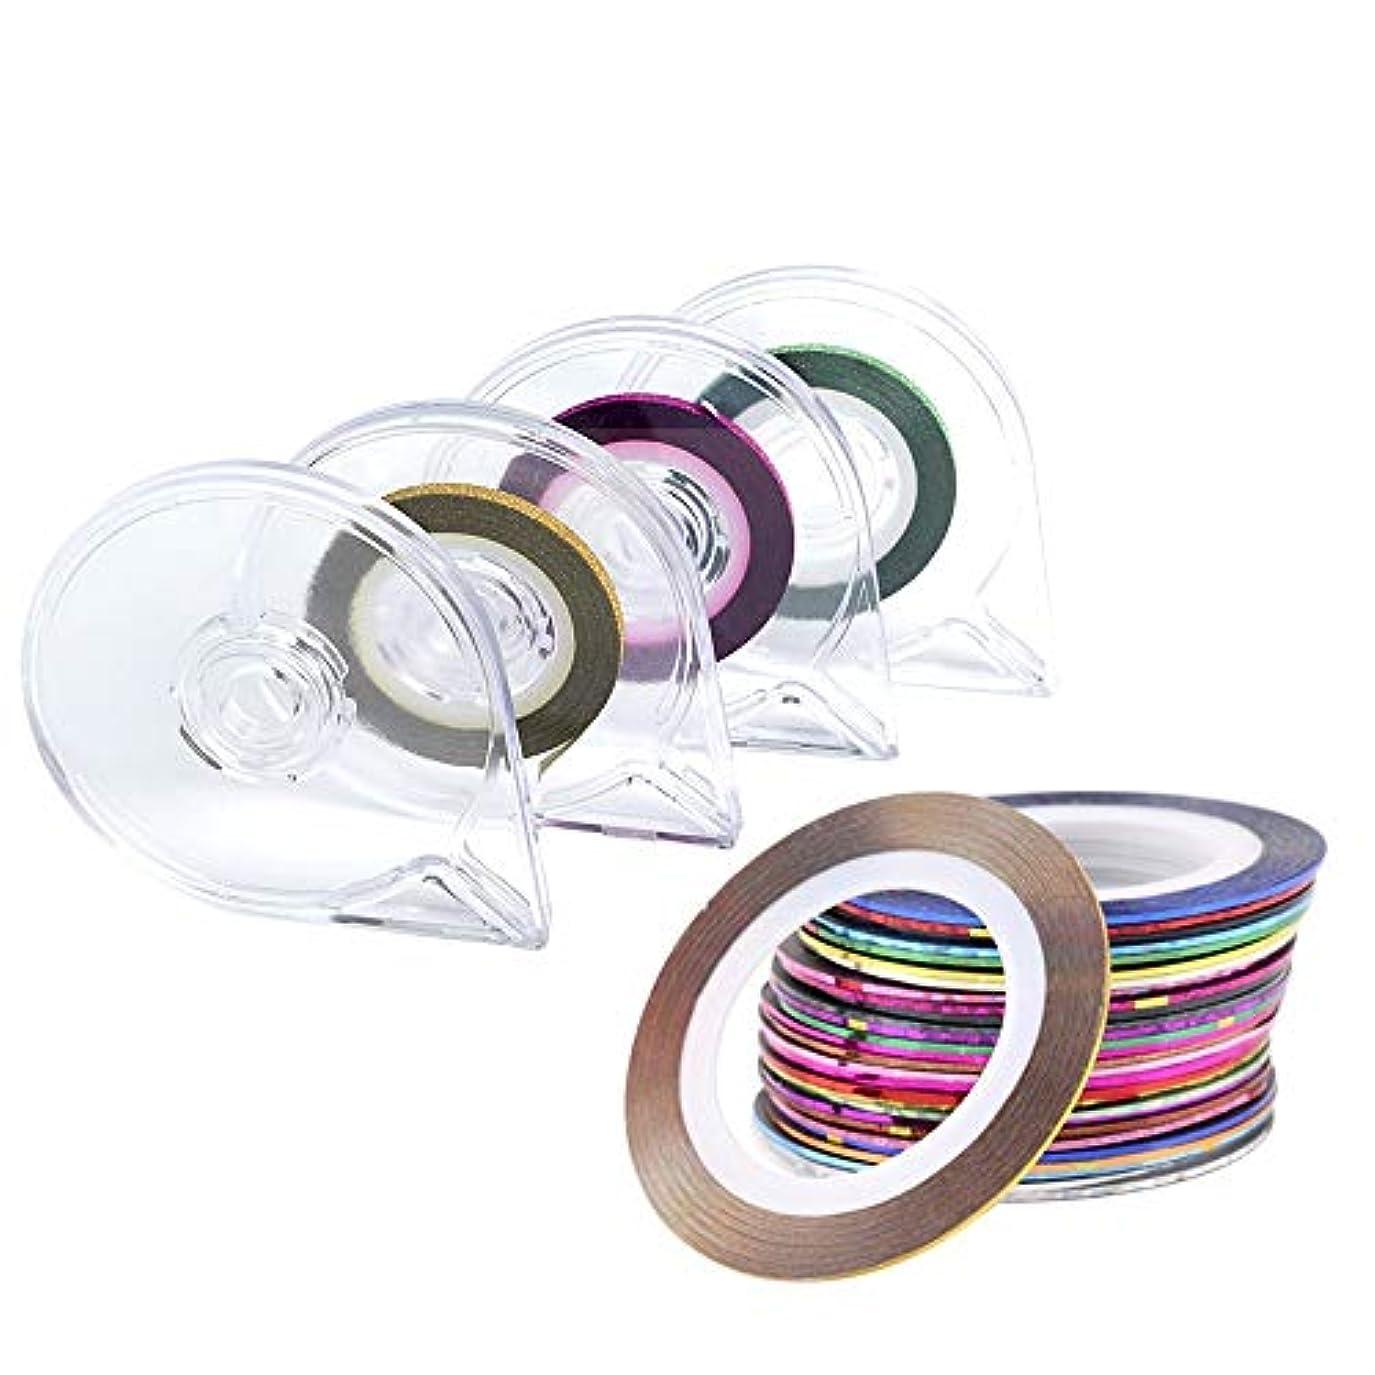 干渉するバルセロナ悪性のラインテープネイルアート用 ラインテープ シート ジェルネイル用 マニキュア セット ジェルネイル アート用ラインテープ 専用ケース付き 30ピース (Color : Mixed Colour)